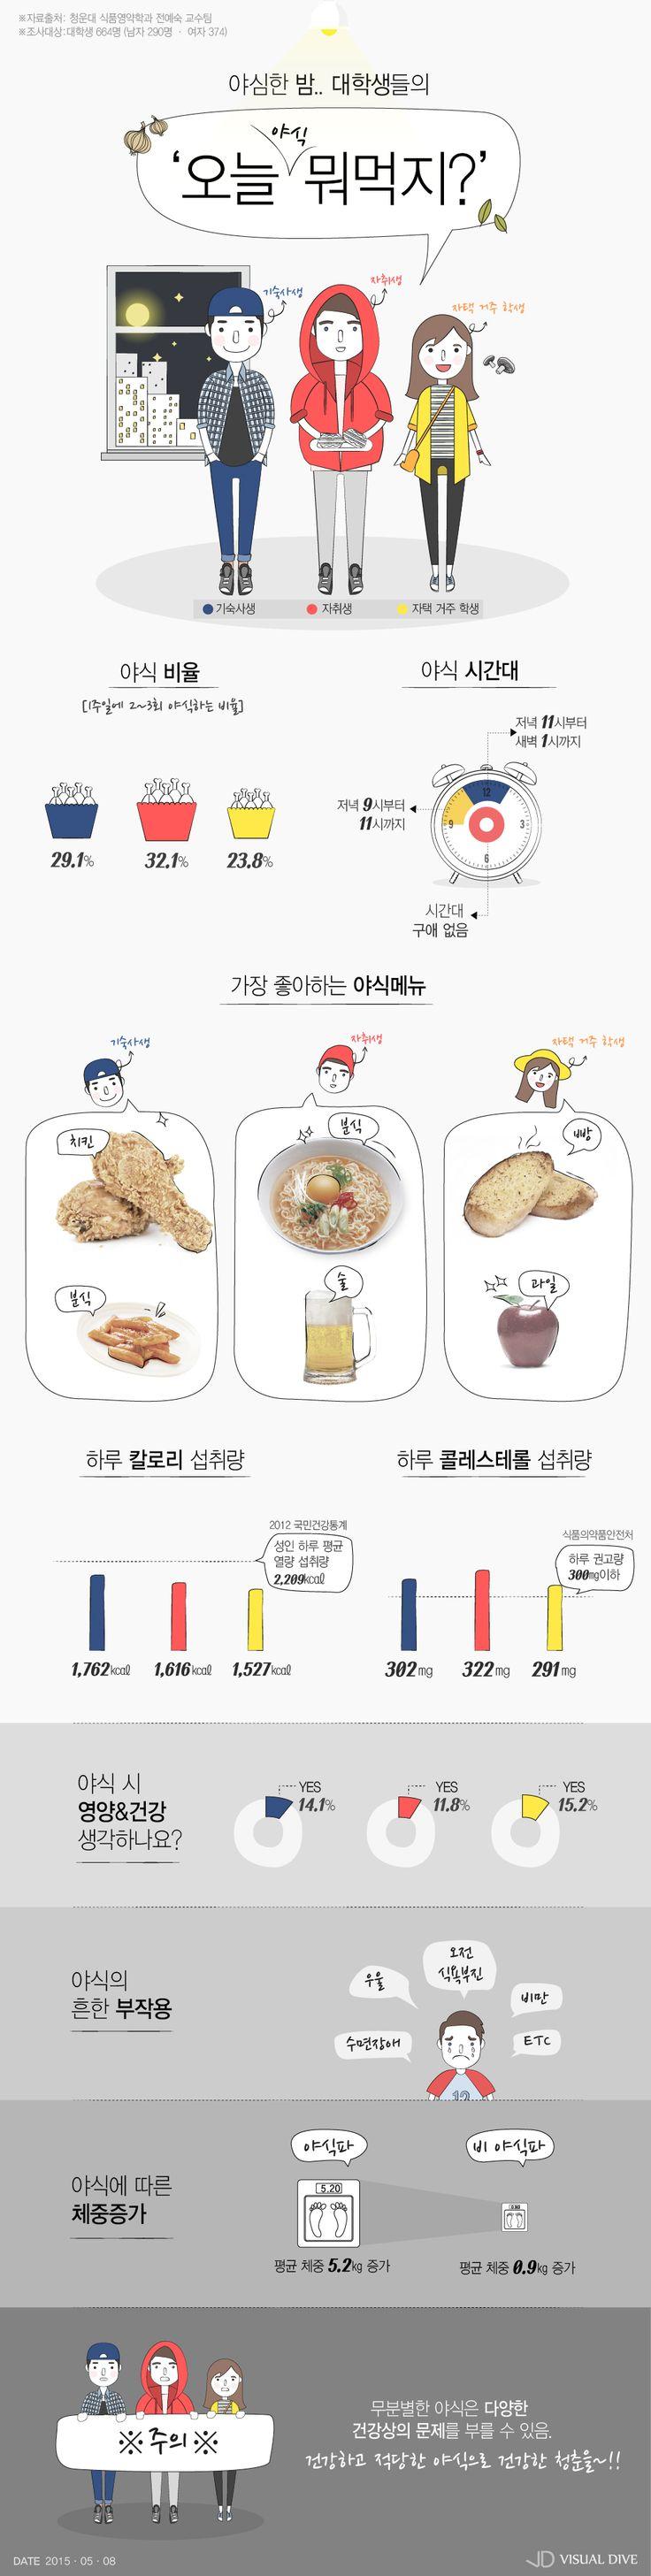 """기숙사 생활 대학생 84% """"야식 즐겨 먹어""""…비만, 우울, 수면부족 등 부작용 우려 [인포그래픽] #late-night meal / #Infographic ⓒ 비주얼다이브 무단 복사·전재·재배포 금지"""